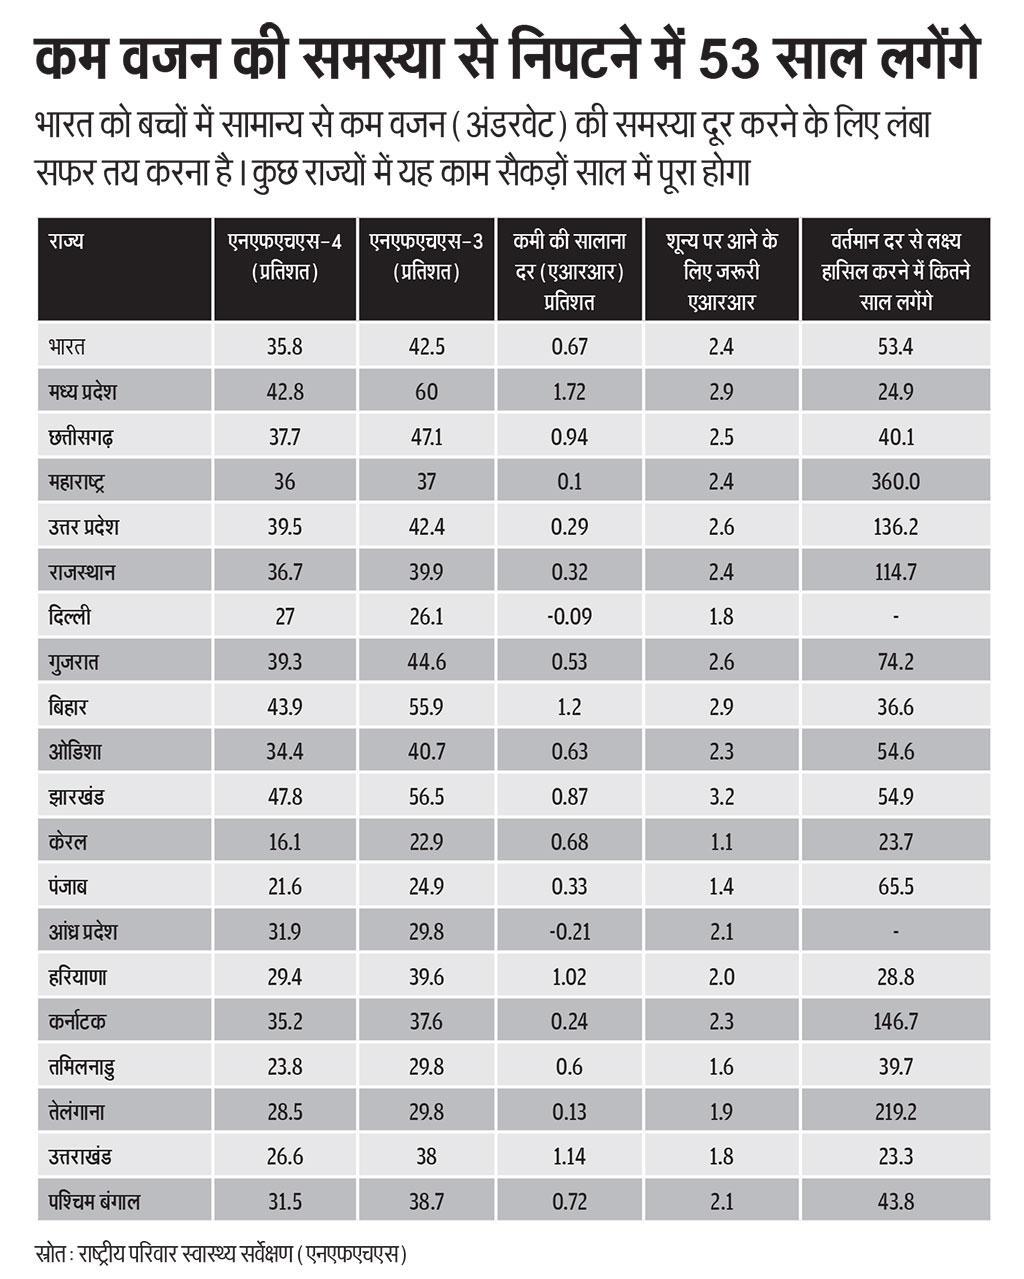 भारत को बच्चों में सामान्य से कम वजन (अंडरवेट) की समस्या दूर करने के लिए लंबा सफर तय करना है। कुछ राज्यों में यह काम सैकड़ों साल में पूरा होगा (स्रोत: राष्ट्रीय परिवार स्वास्थ्य सर्वेक्षण (एनएफएचएस))